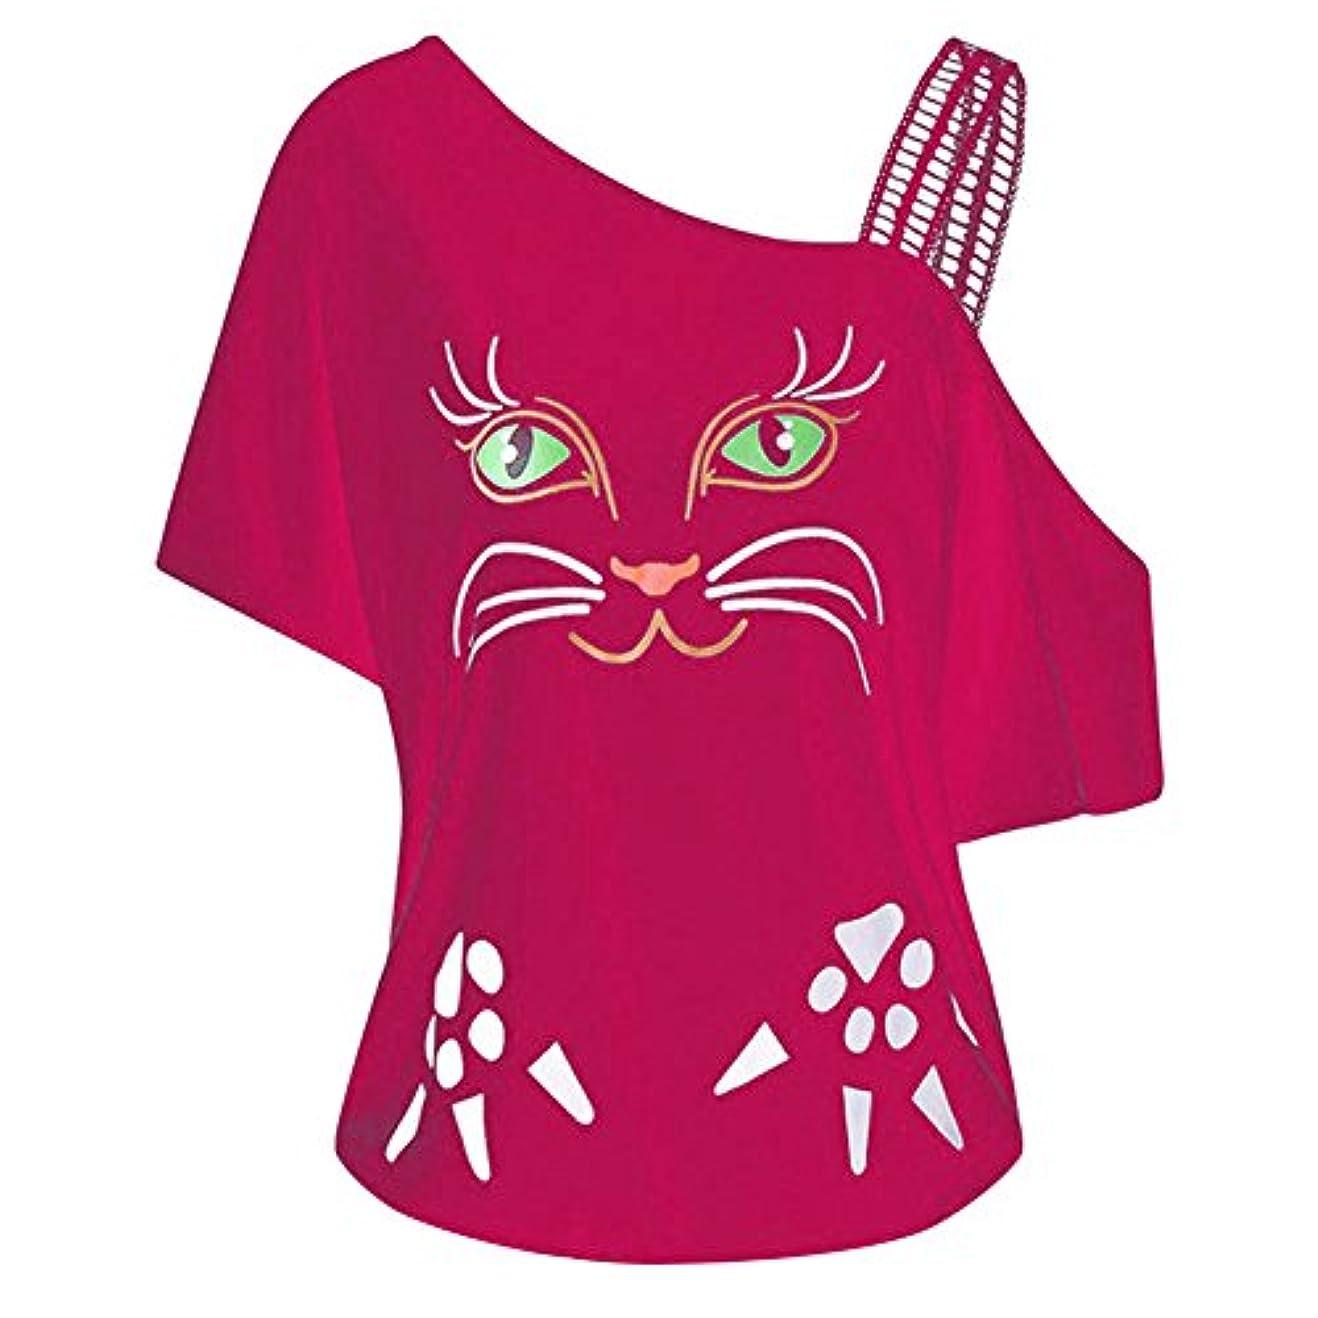 失礼コークス西部Hosam レディース 洋服 片肩 猫 お洒落 おもしろ プリント Tシャツ お洒落 体型カバ― お呼ばれ 通勤 日常 快適 大きなサイズ シンプルなデザイン 20代30代40代でも (L, ピンク)